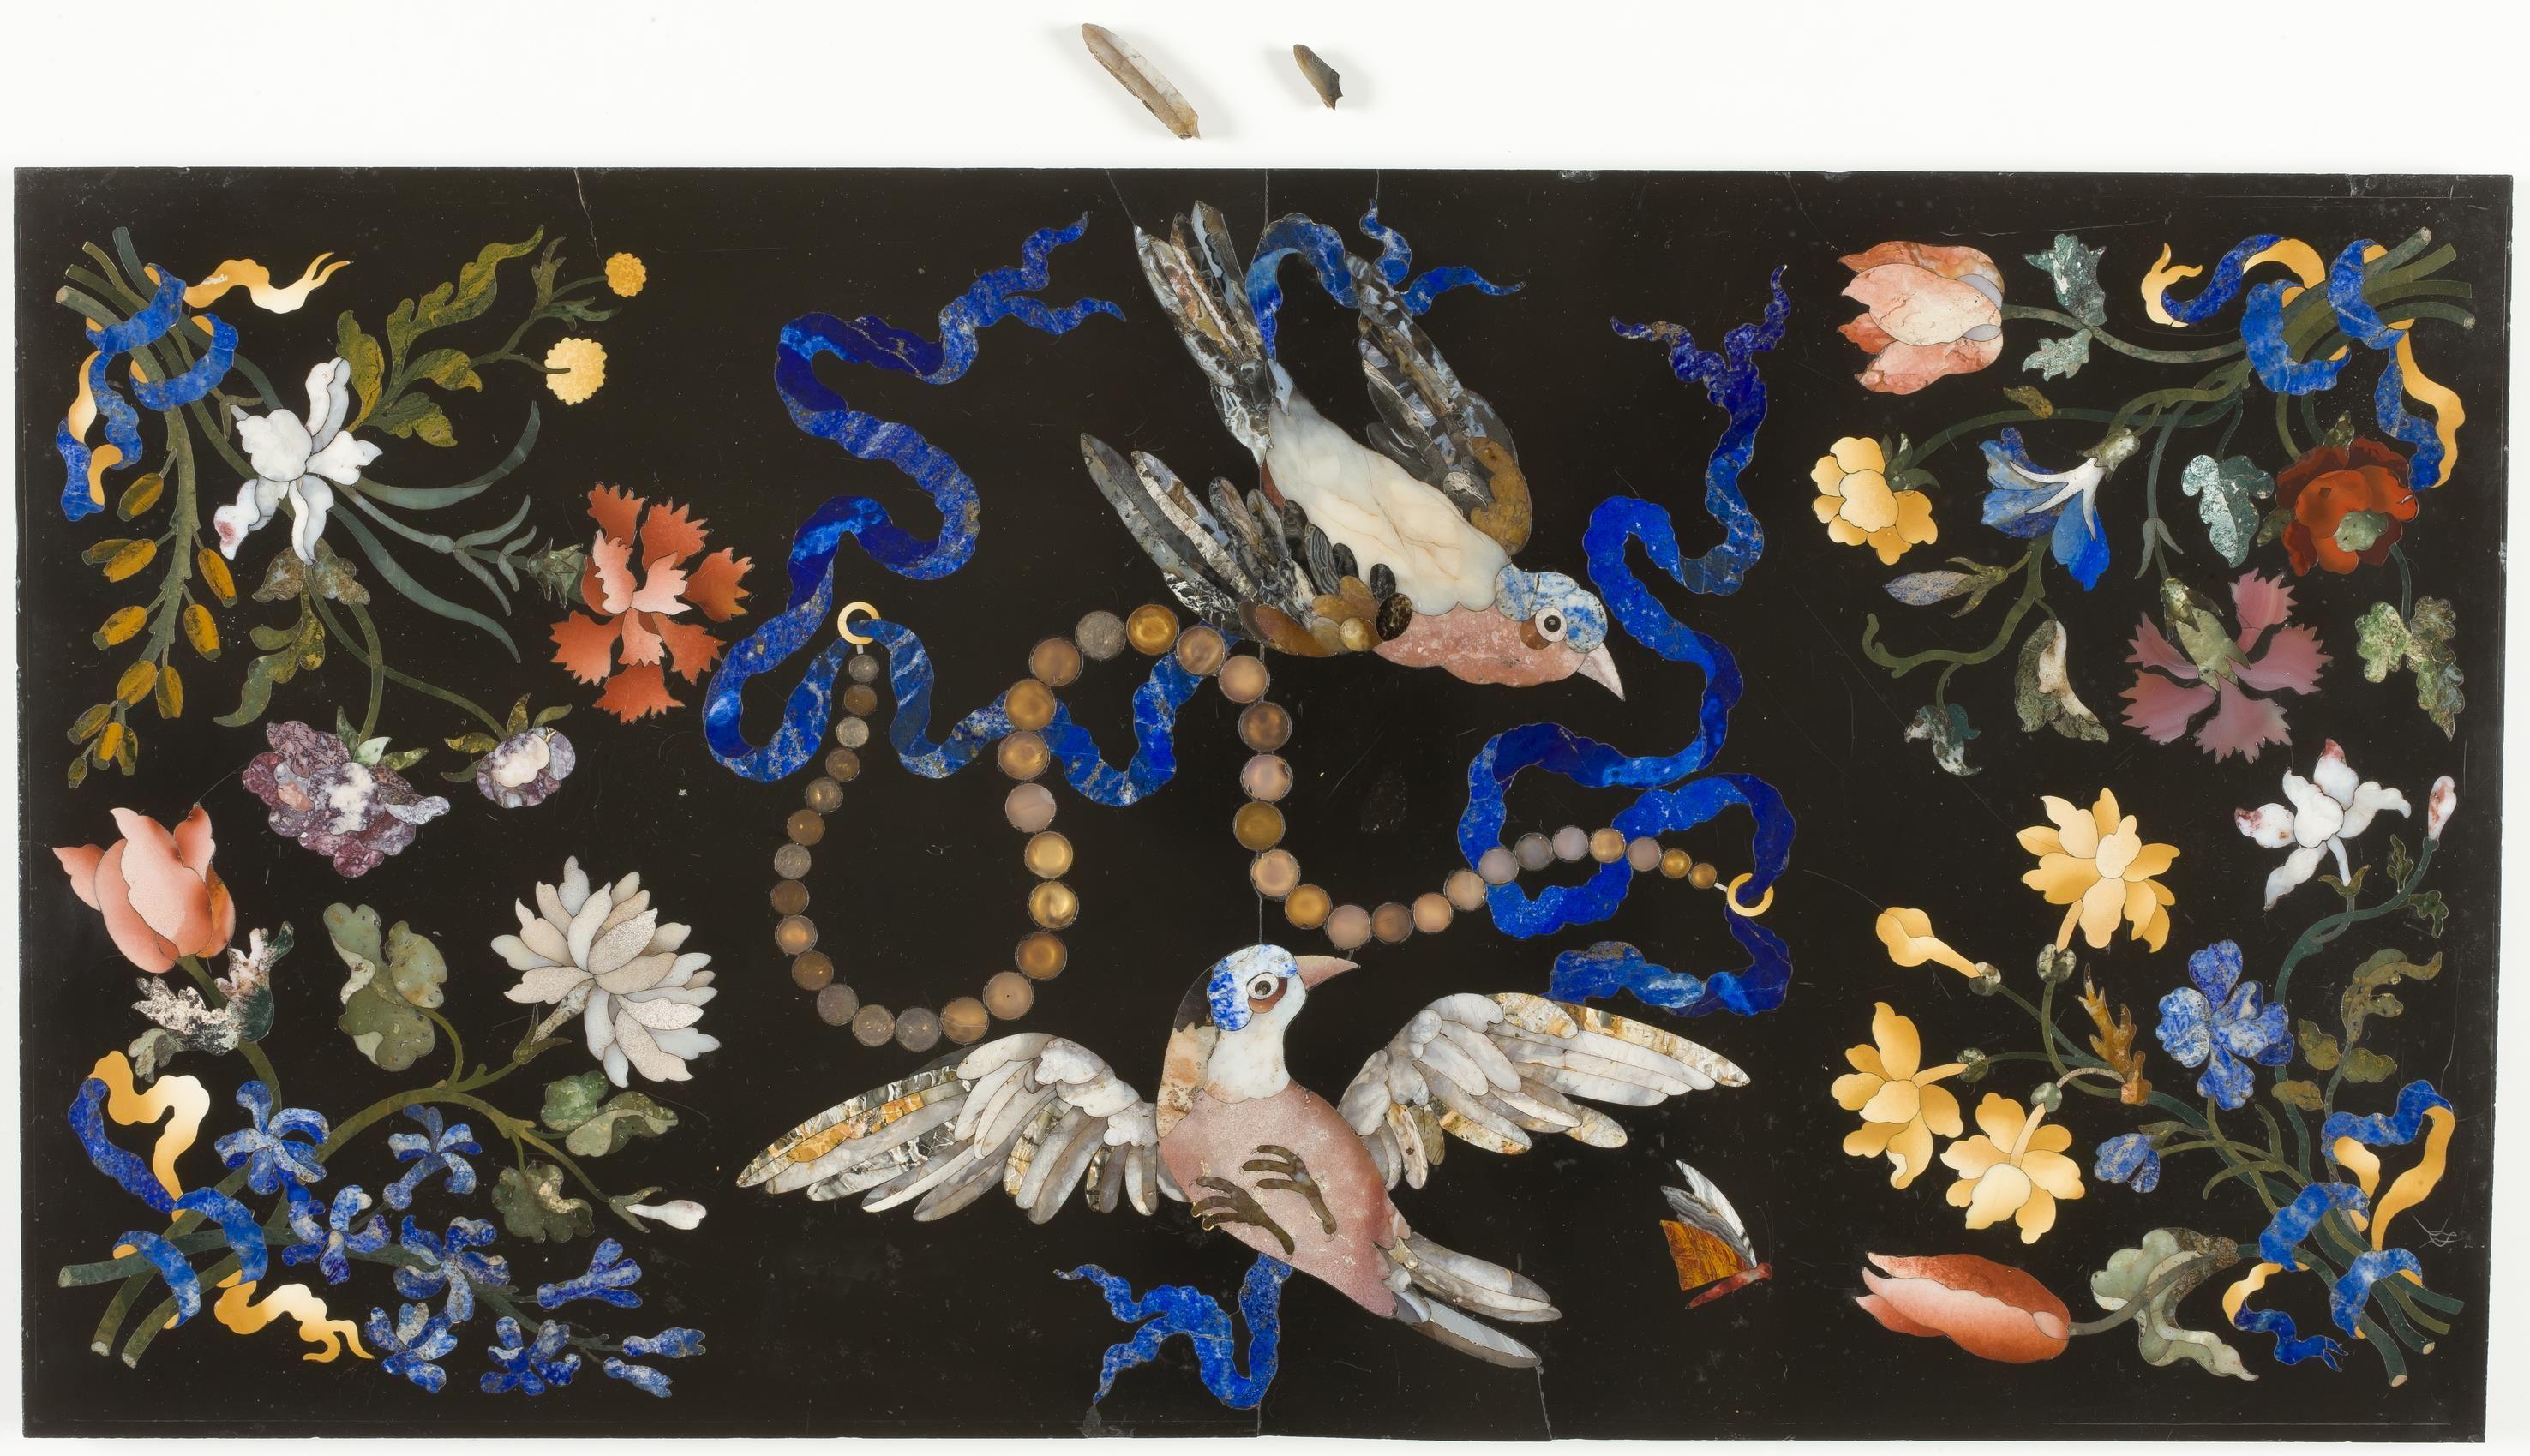 Placa con pájaros y collar de perlas, Galleria dei Lavori, Florencia, Primer tercio del siglo XVIII